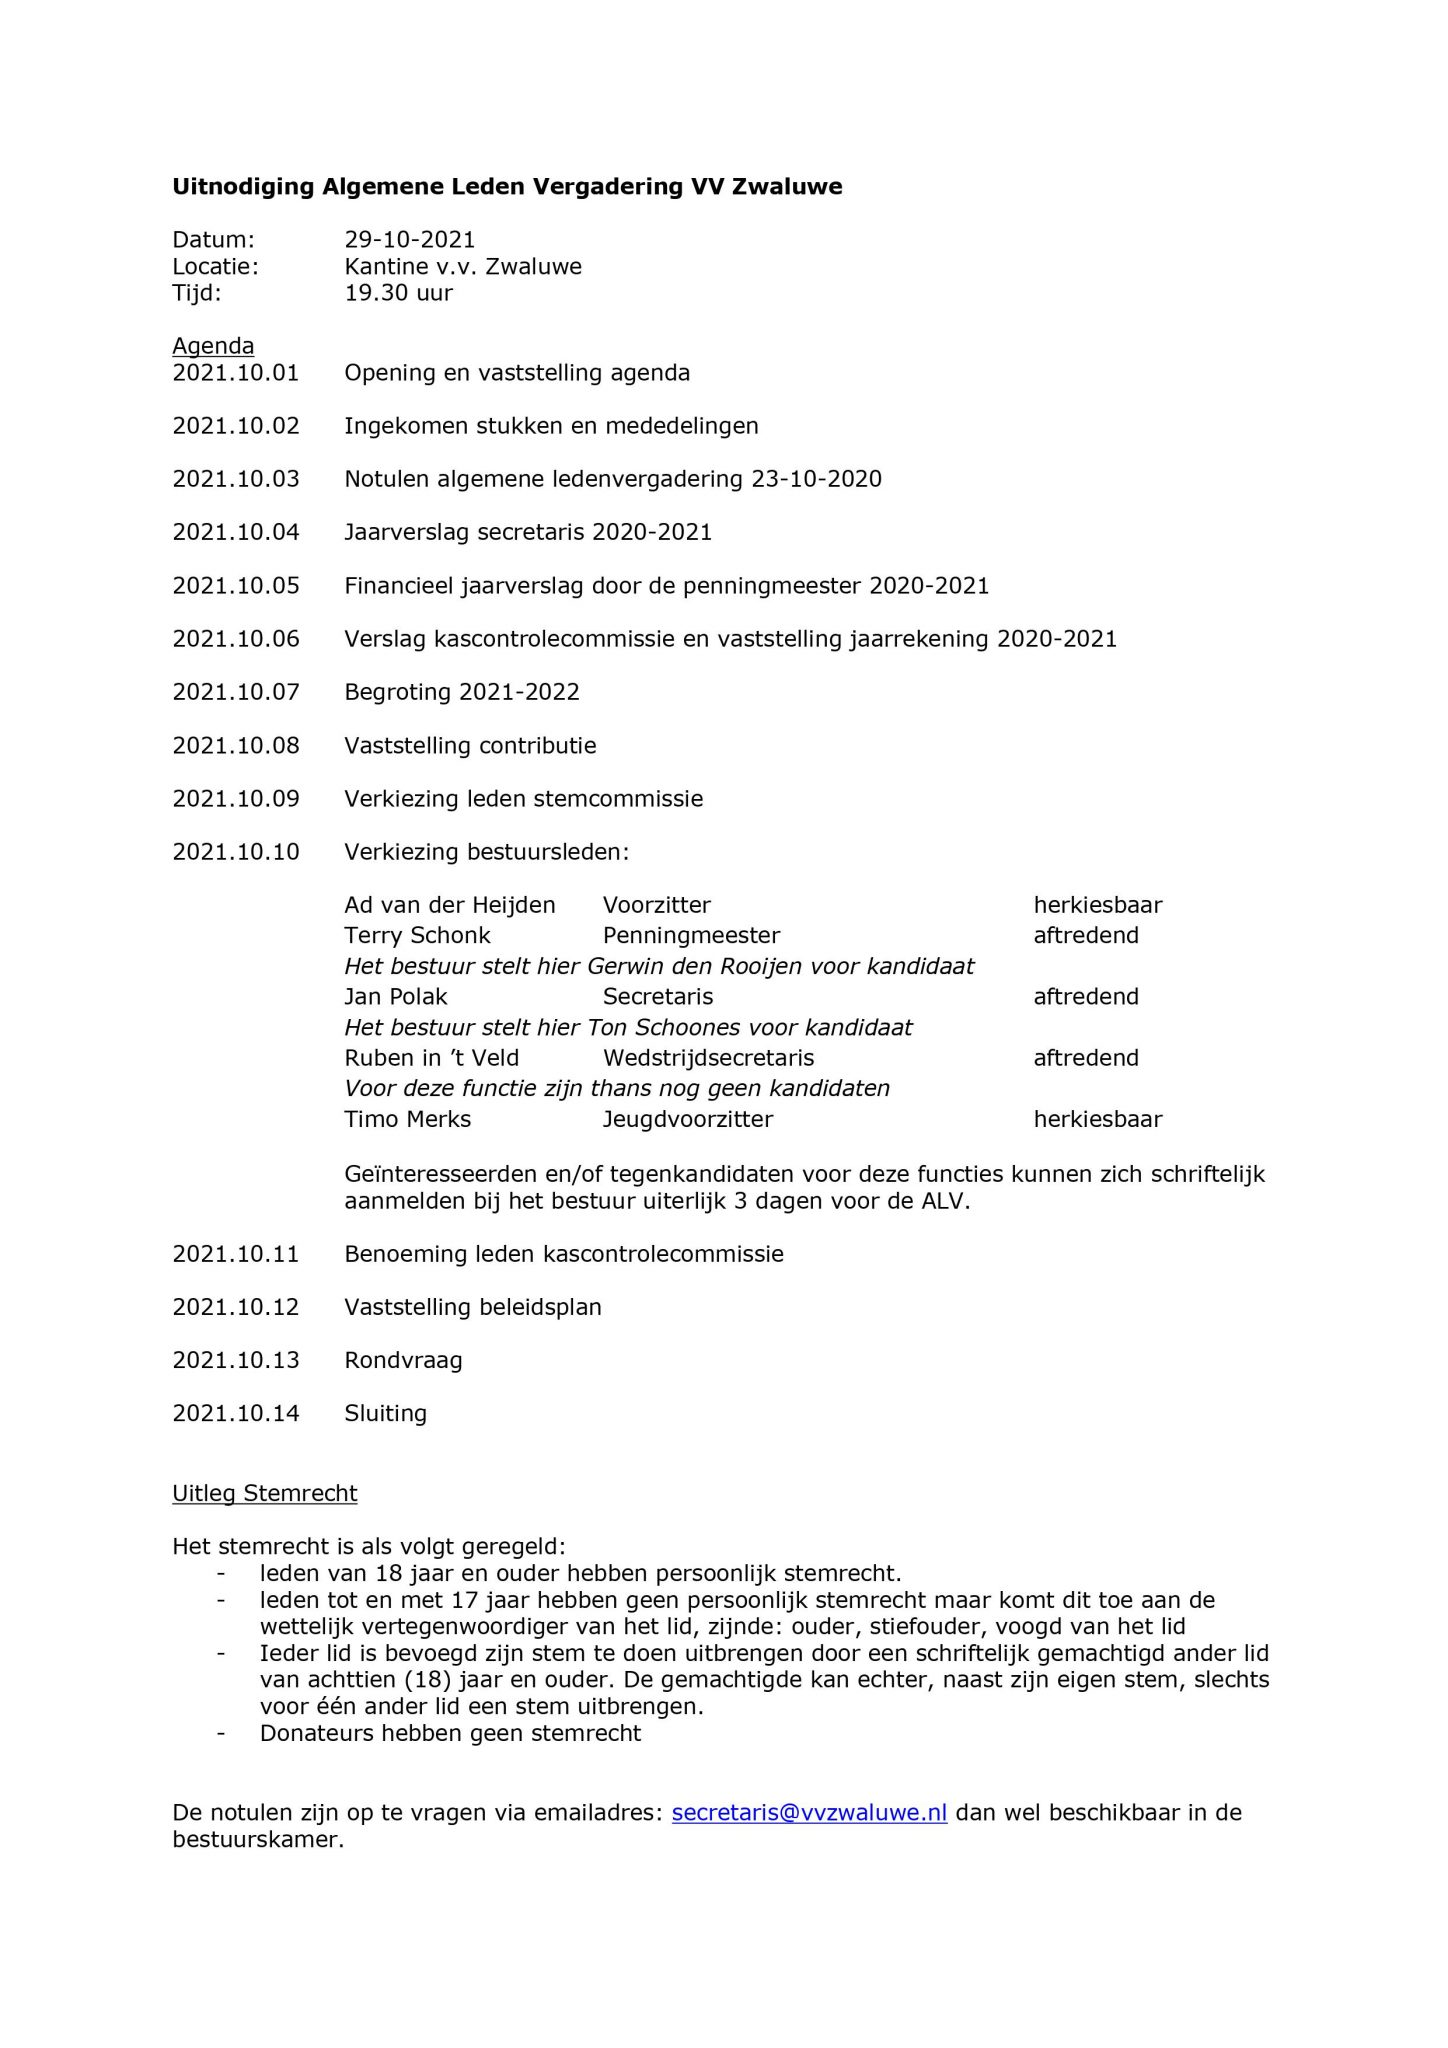 Algemene ledenvergadering 2021